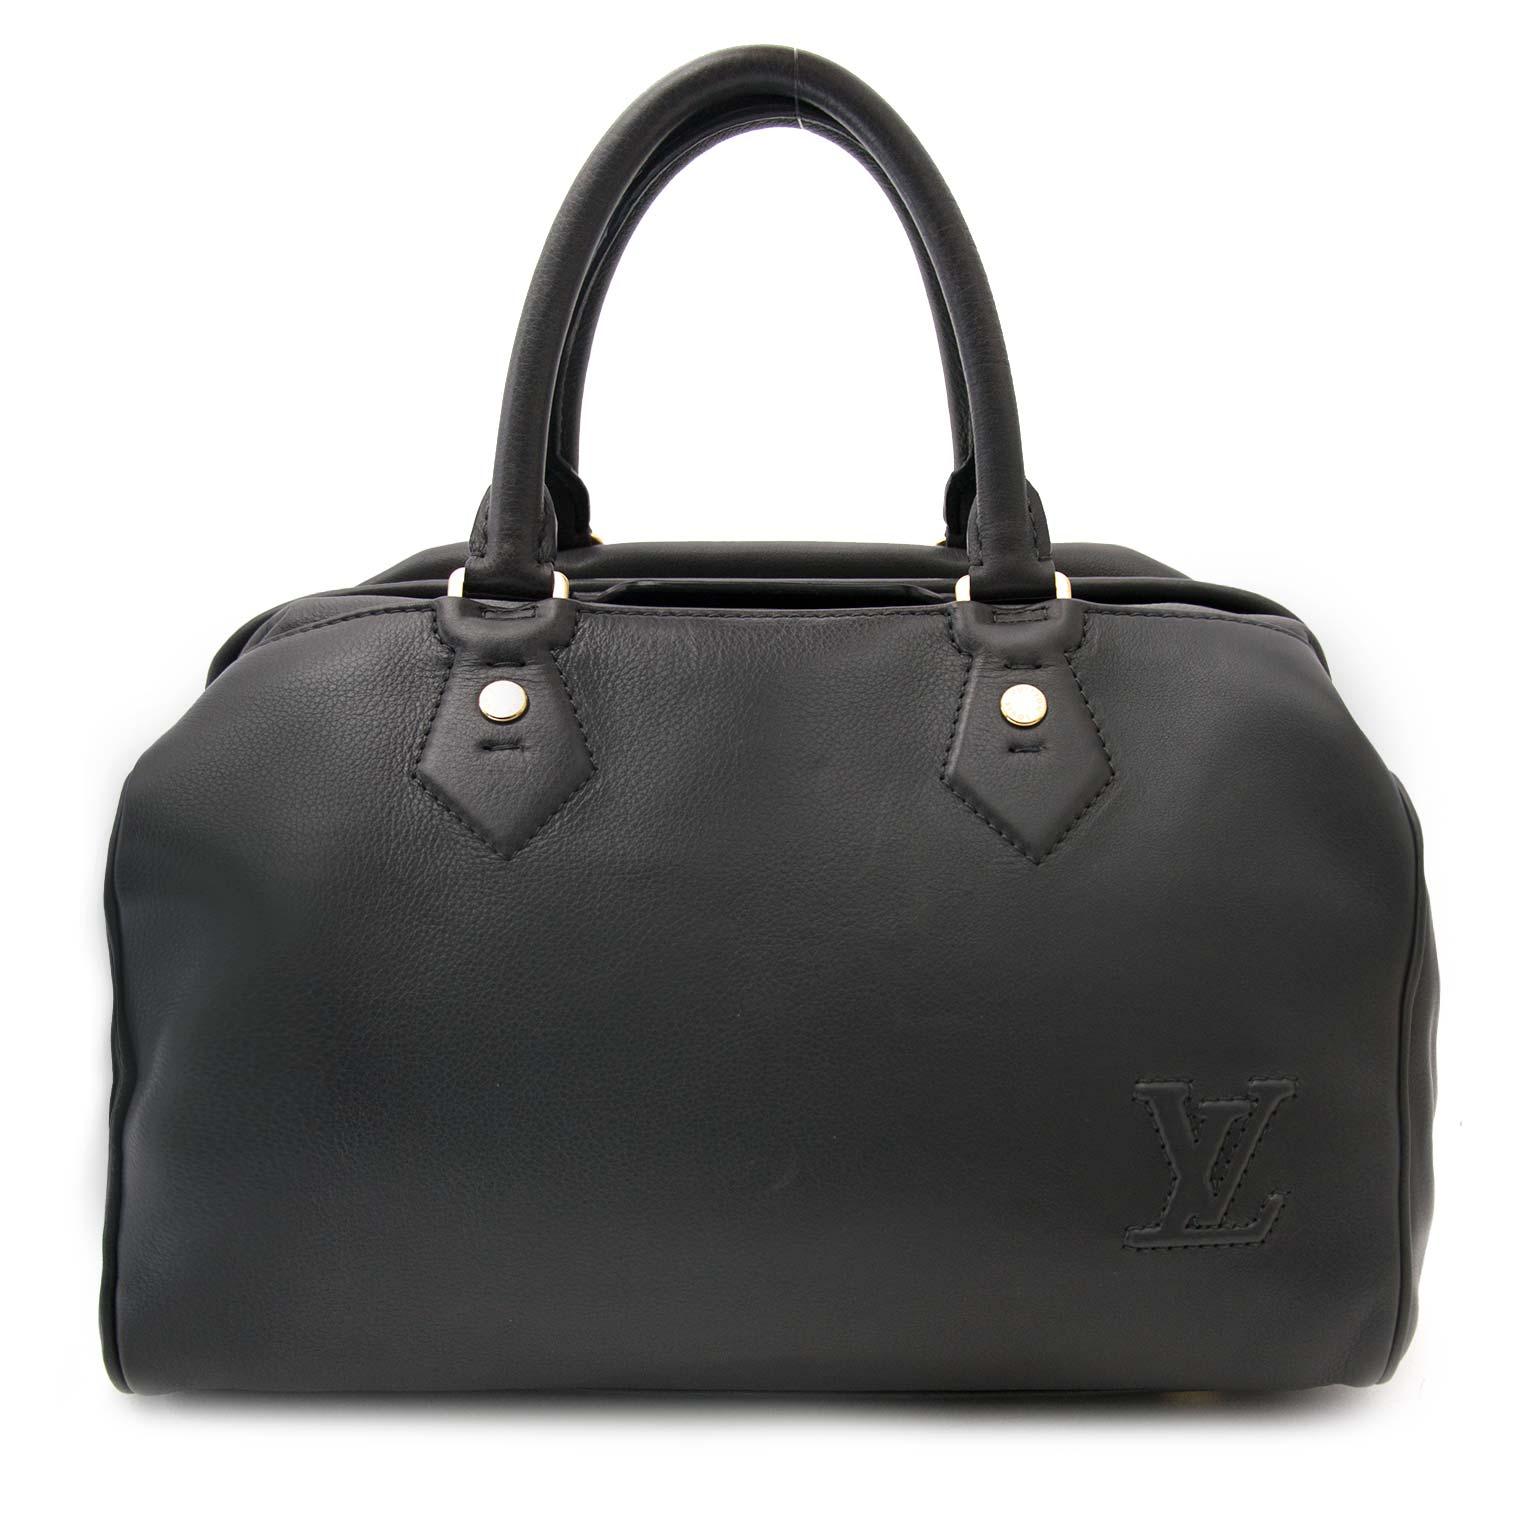 koop veilig online tegen de beste pris Louis Vuitton Limited Edition Grey